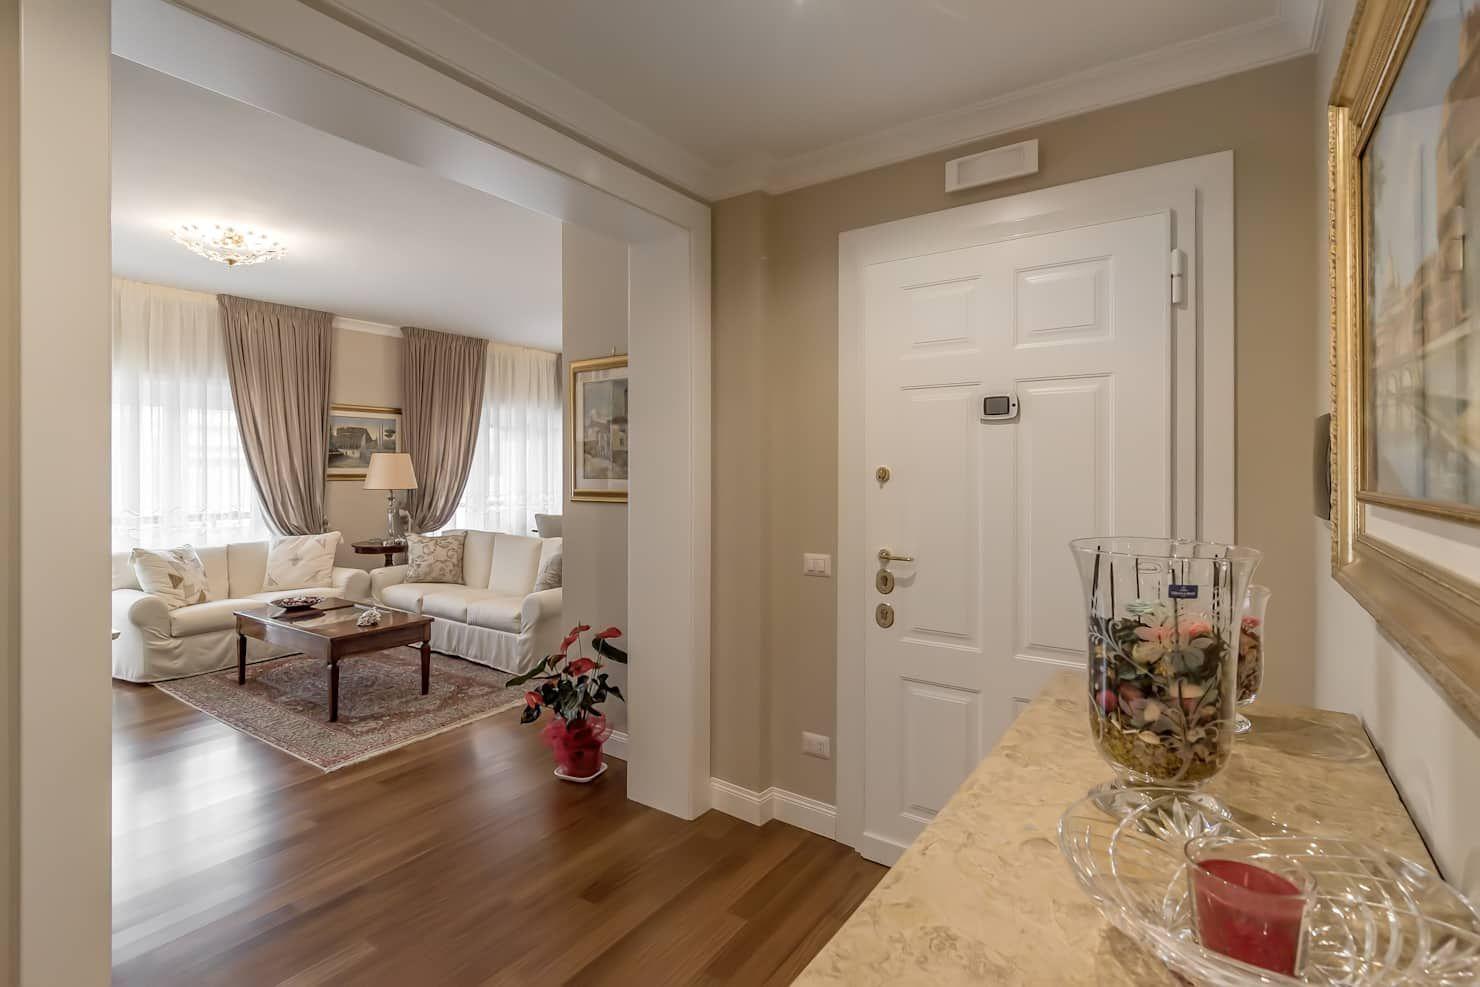 Photo of Ingresso, corridoio e scale in stile classico facile da rinnovare classico | homify